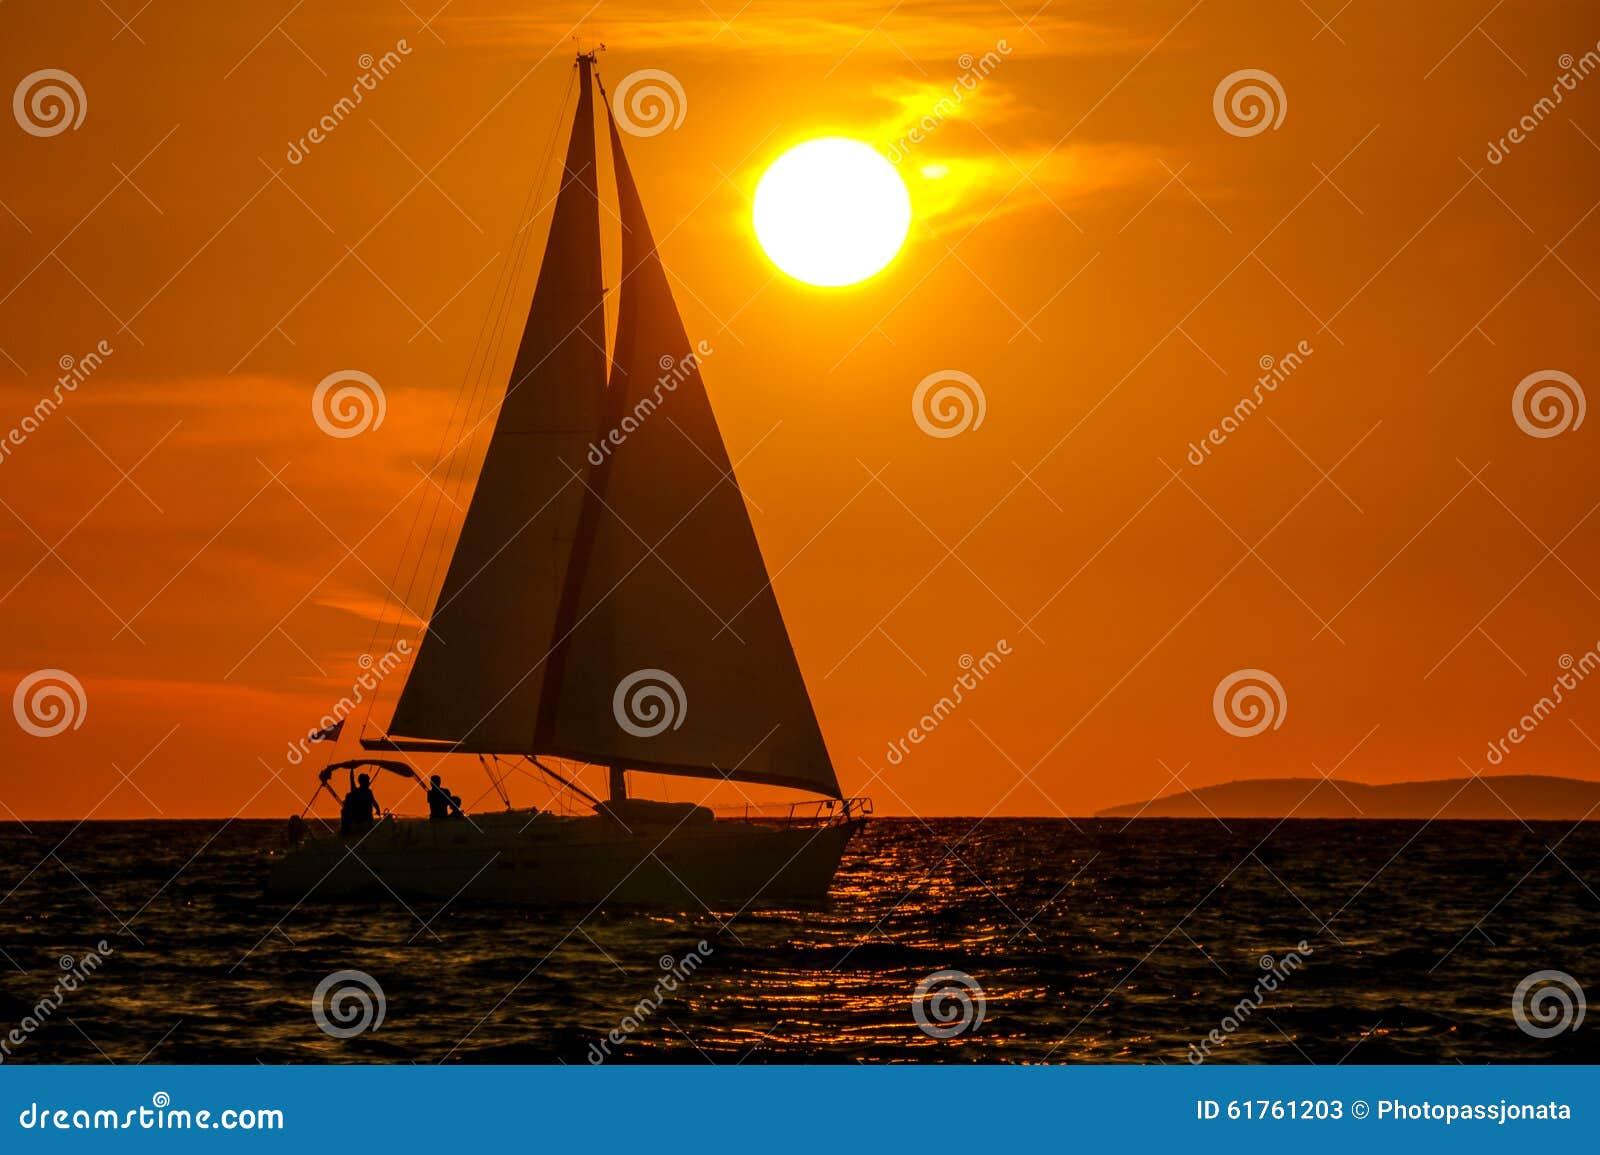 Segelboot sonnenuntergang gemalt  Orange Stock-Fotos - Melden Sie sich kostenlos an